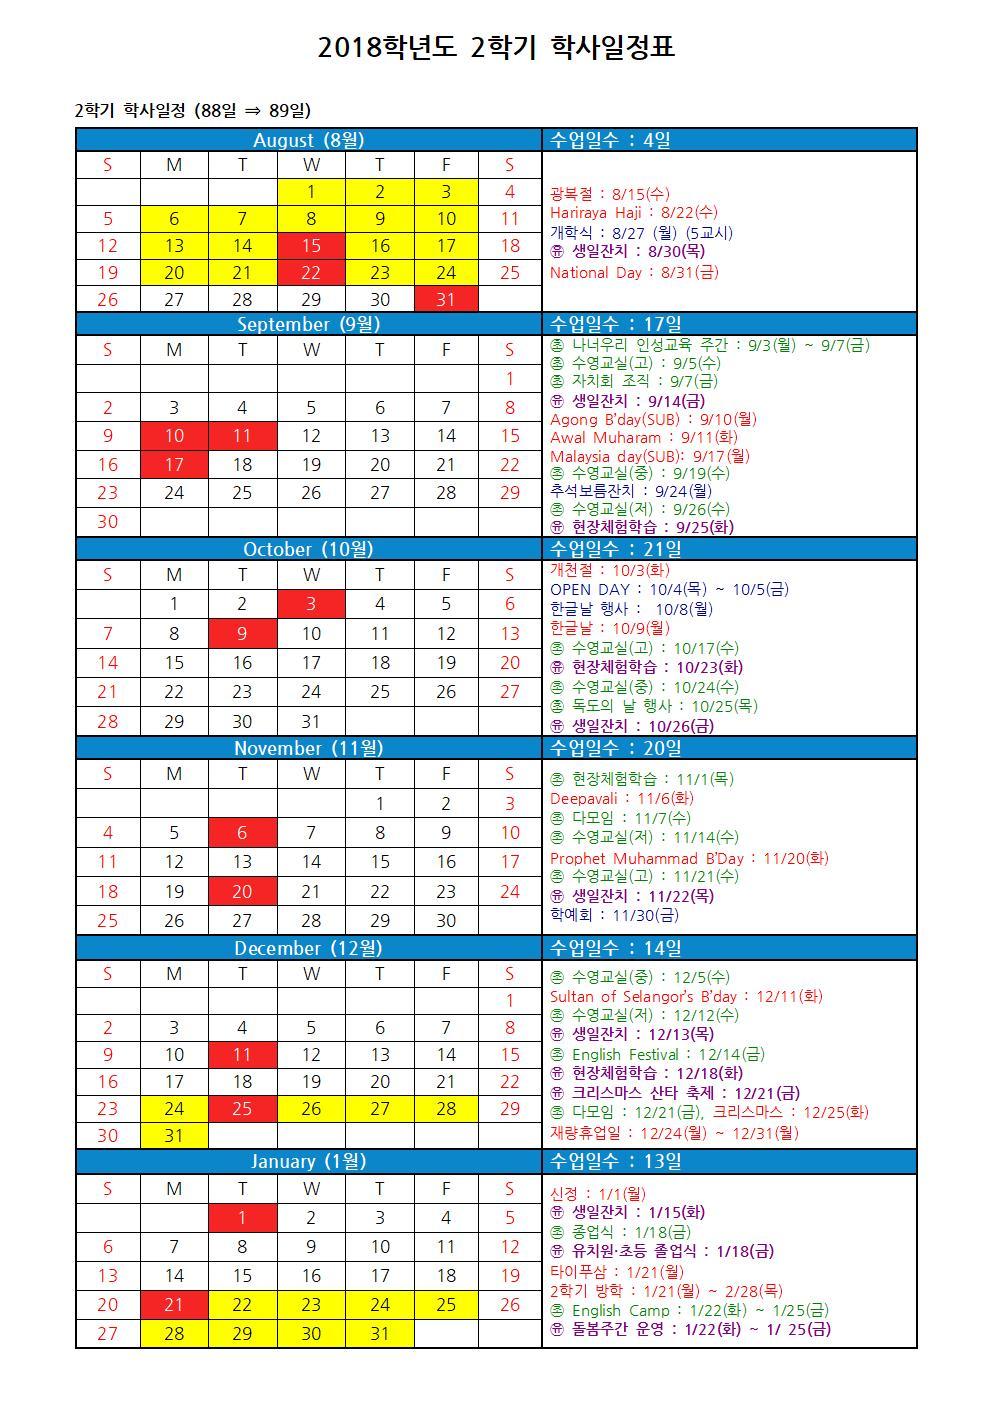 붙임1. 2018학년도 2학기 학사일정 변경 안내(가정통신문)_02.jpg